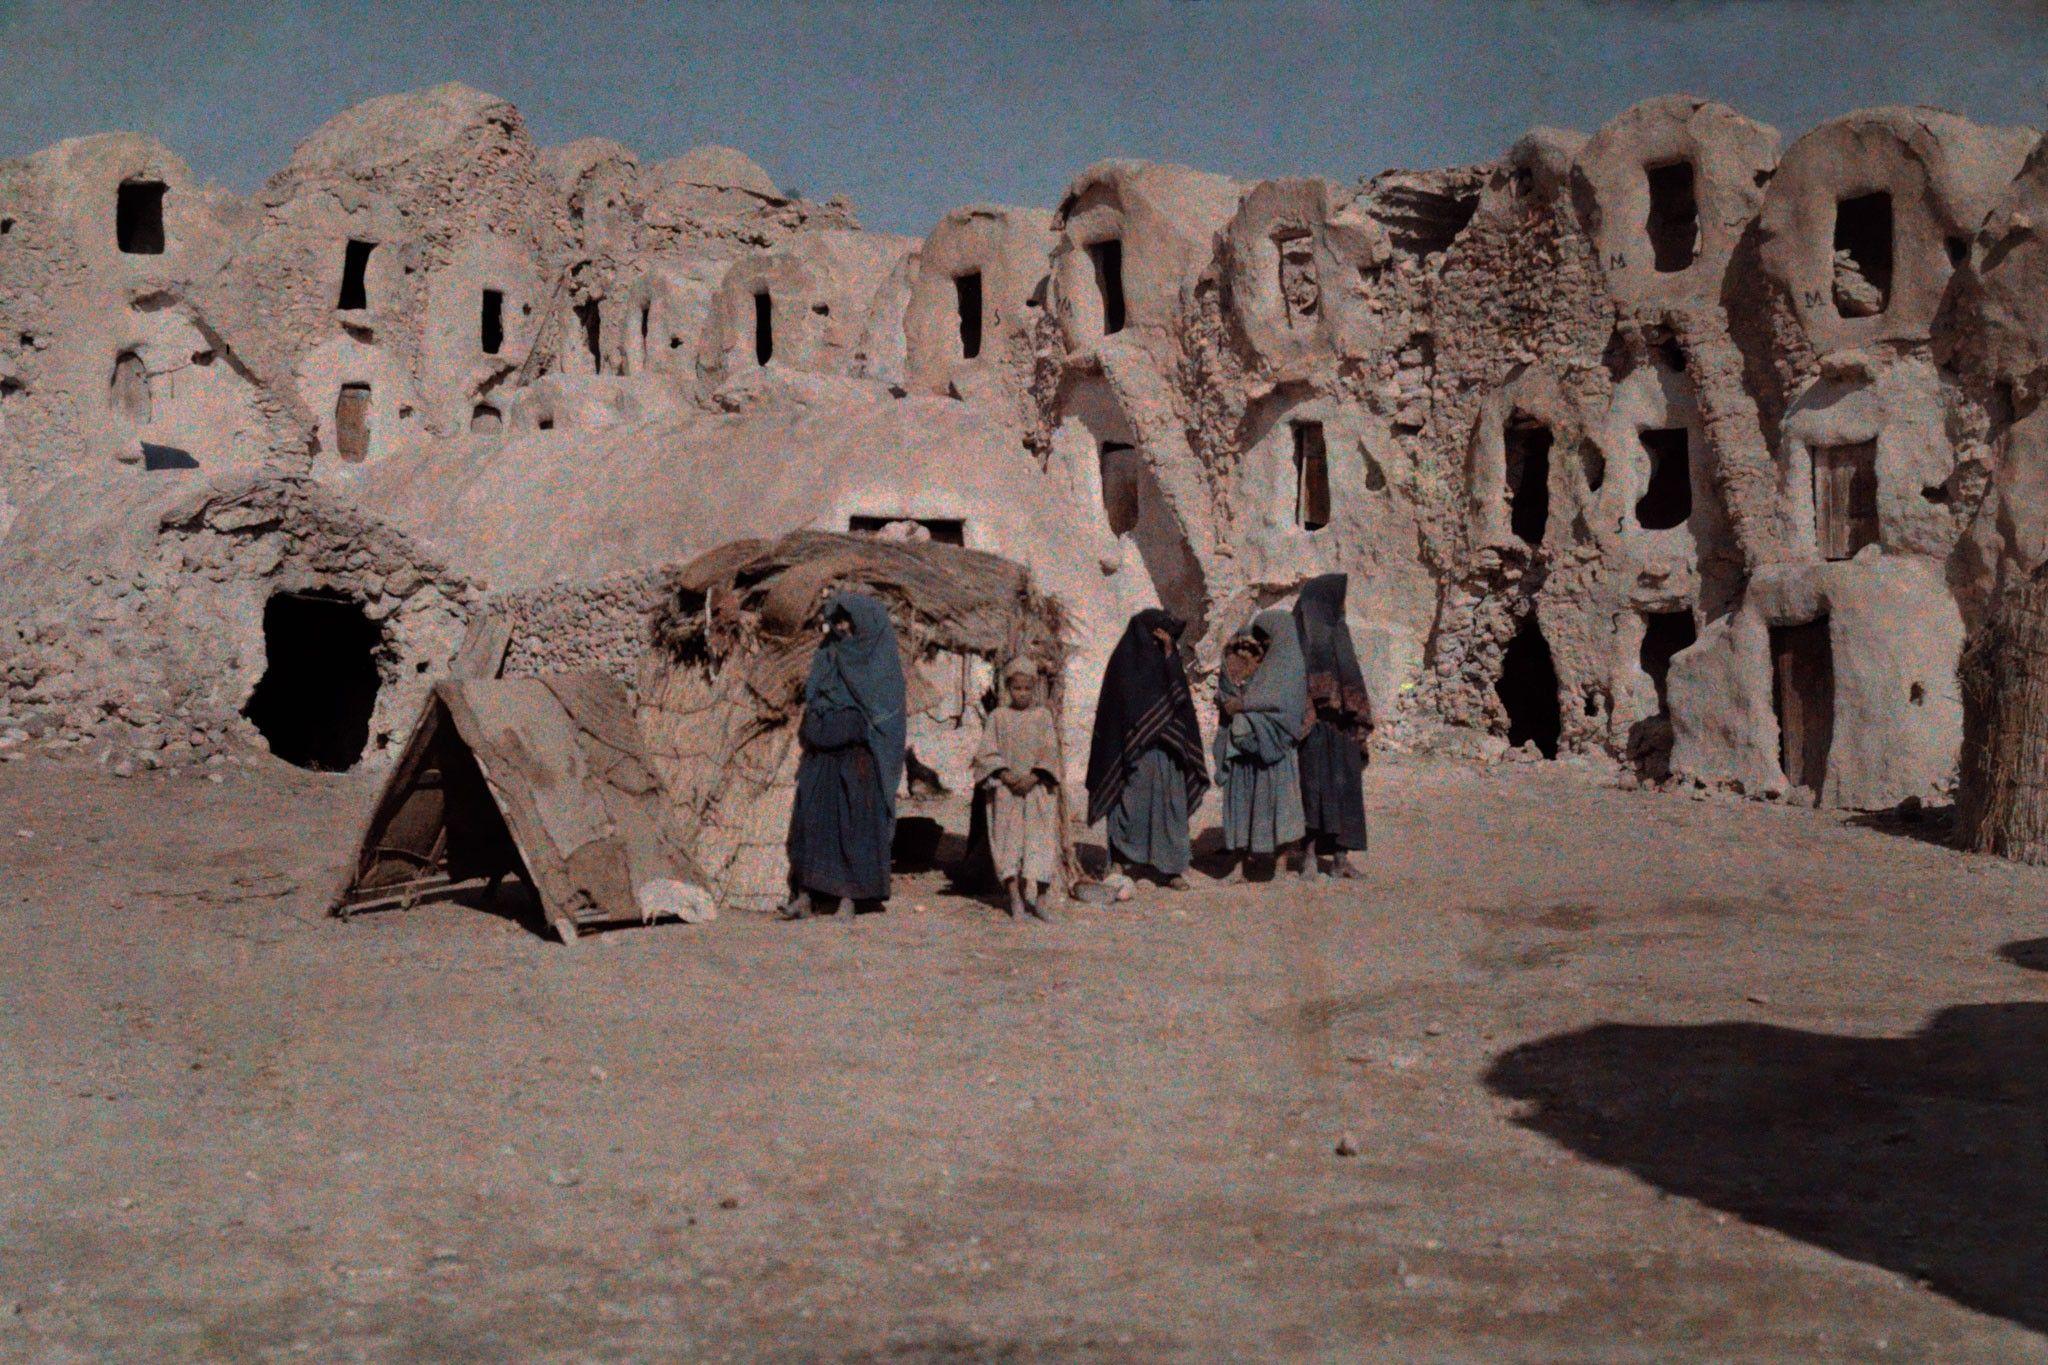 Historische Aufnahmen von Höhlenwohnungen aus aller Welt | National Geographic